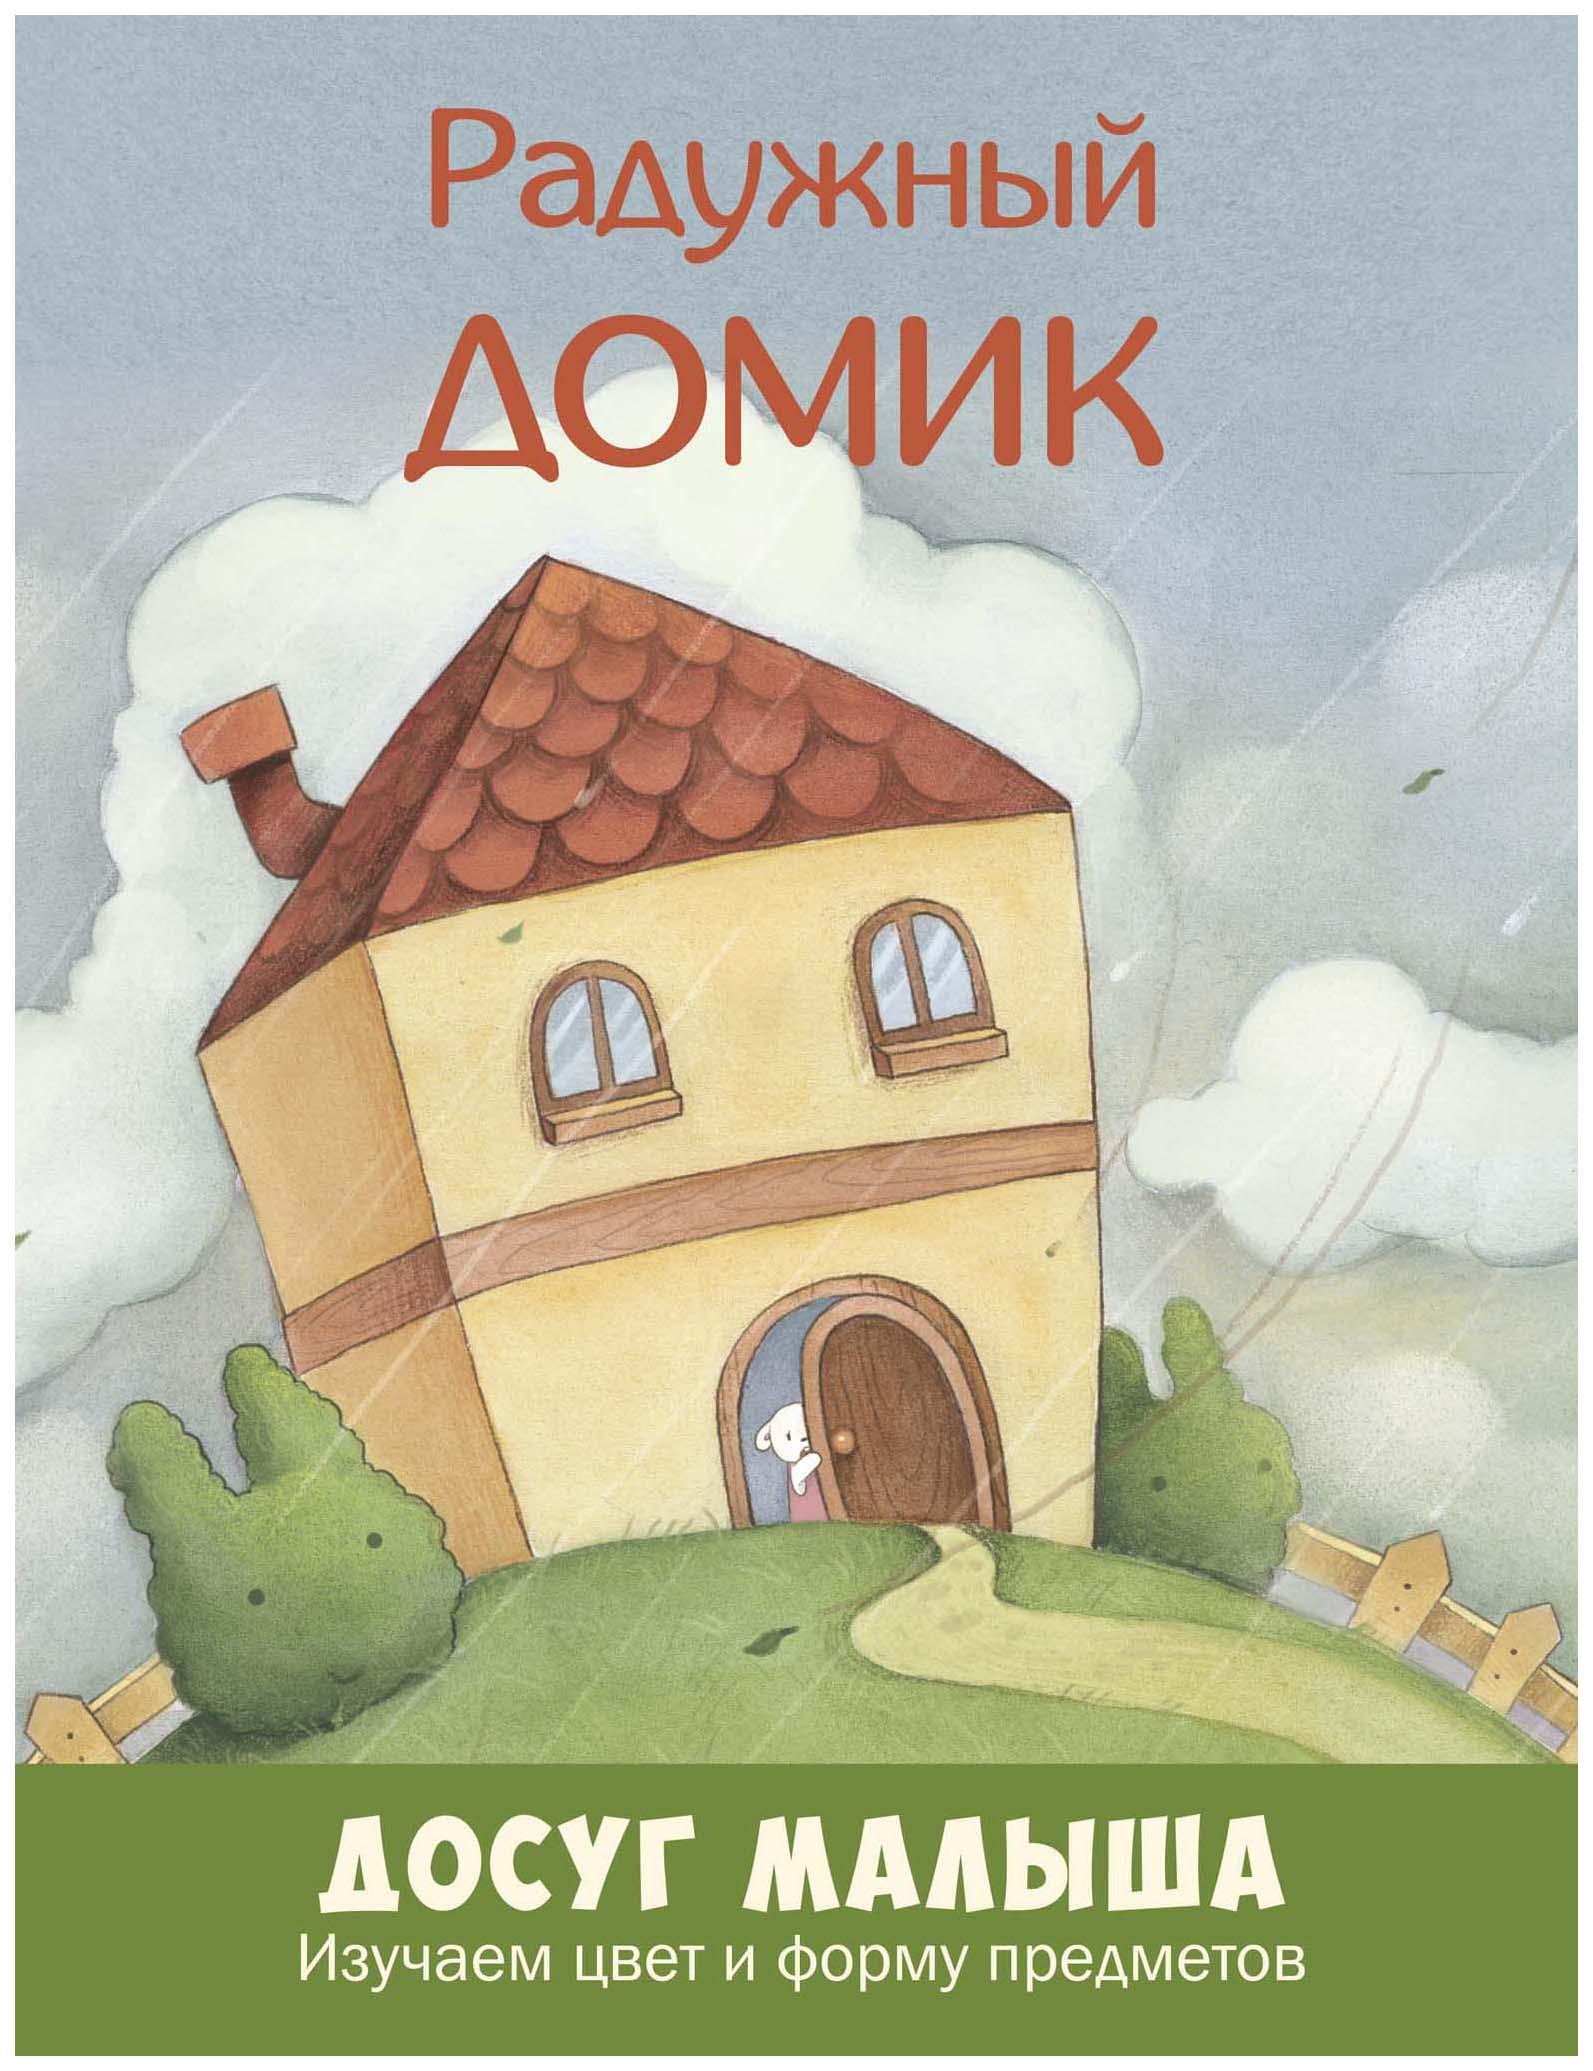 Книга Энас-Книга Радужный Домик фото